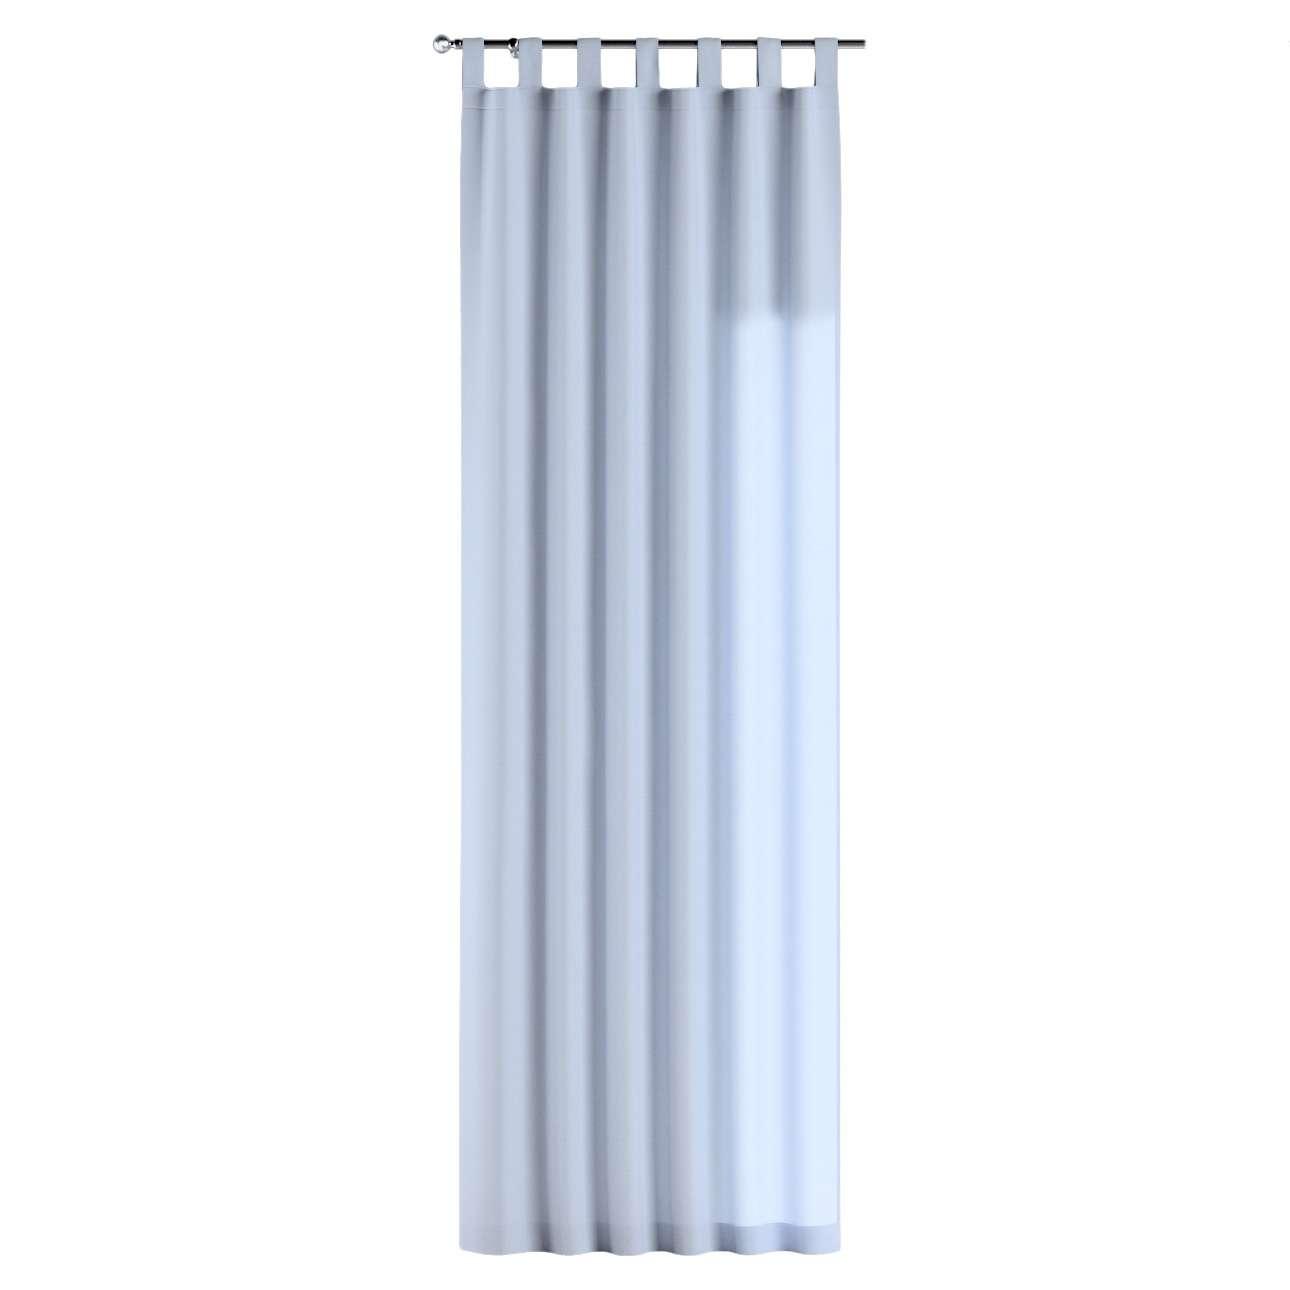 Kilpinio klostavimo užuolaidos 130 x 260 cm (plotis x ilgis) kolekcijoje Loneta , audinys: 133-35